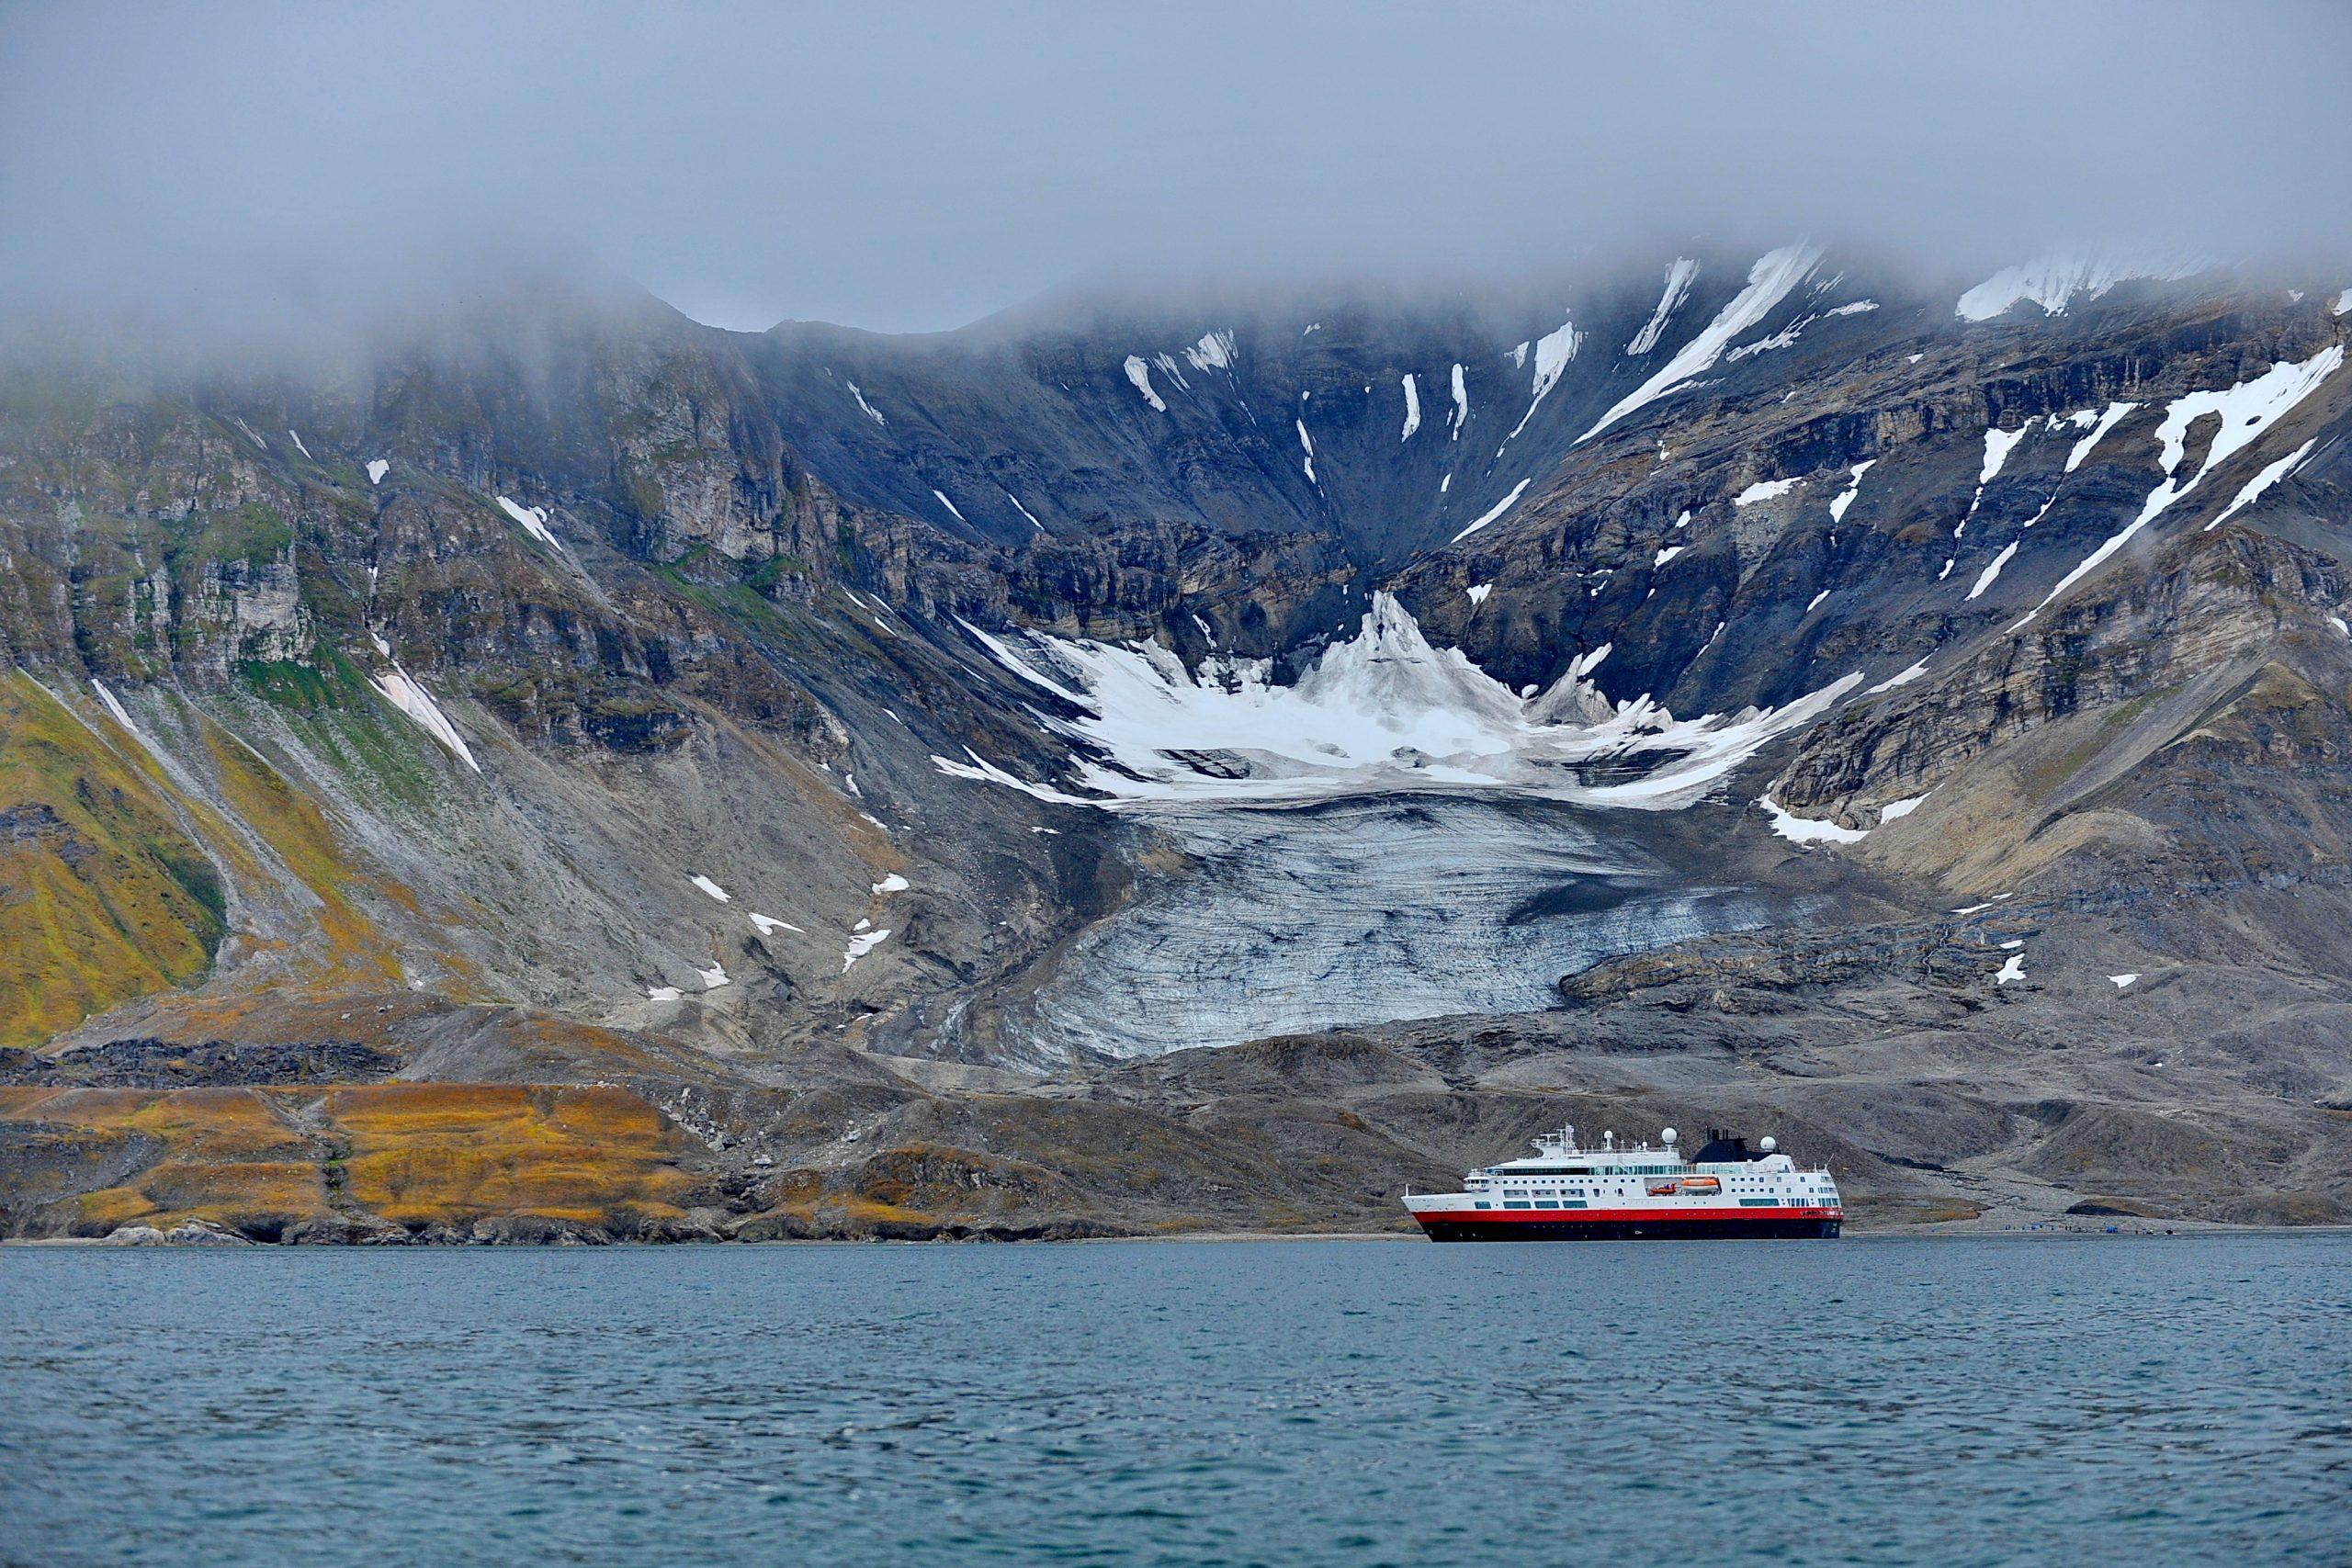 Barco navegando en aguas islandesas -Los cruceros más populares de Islandia